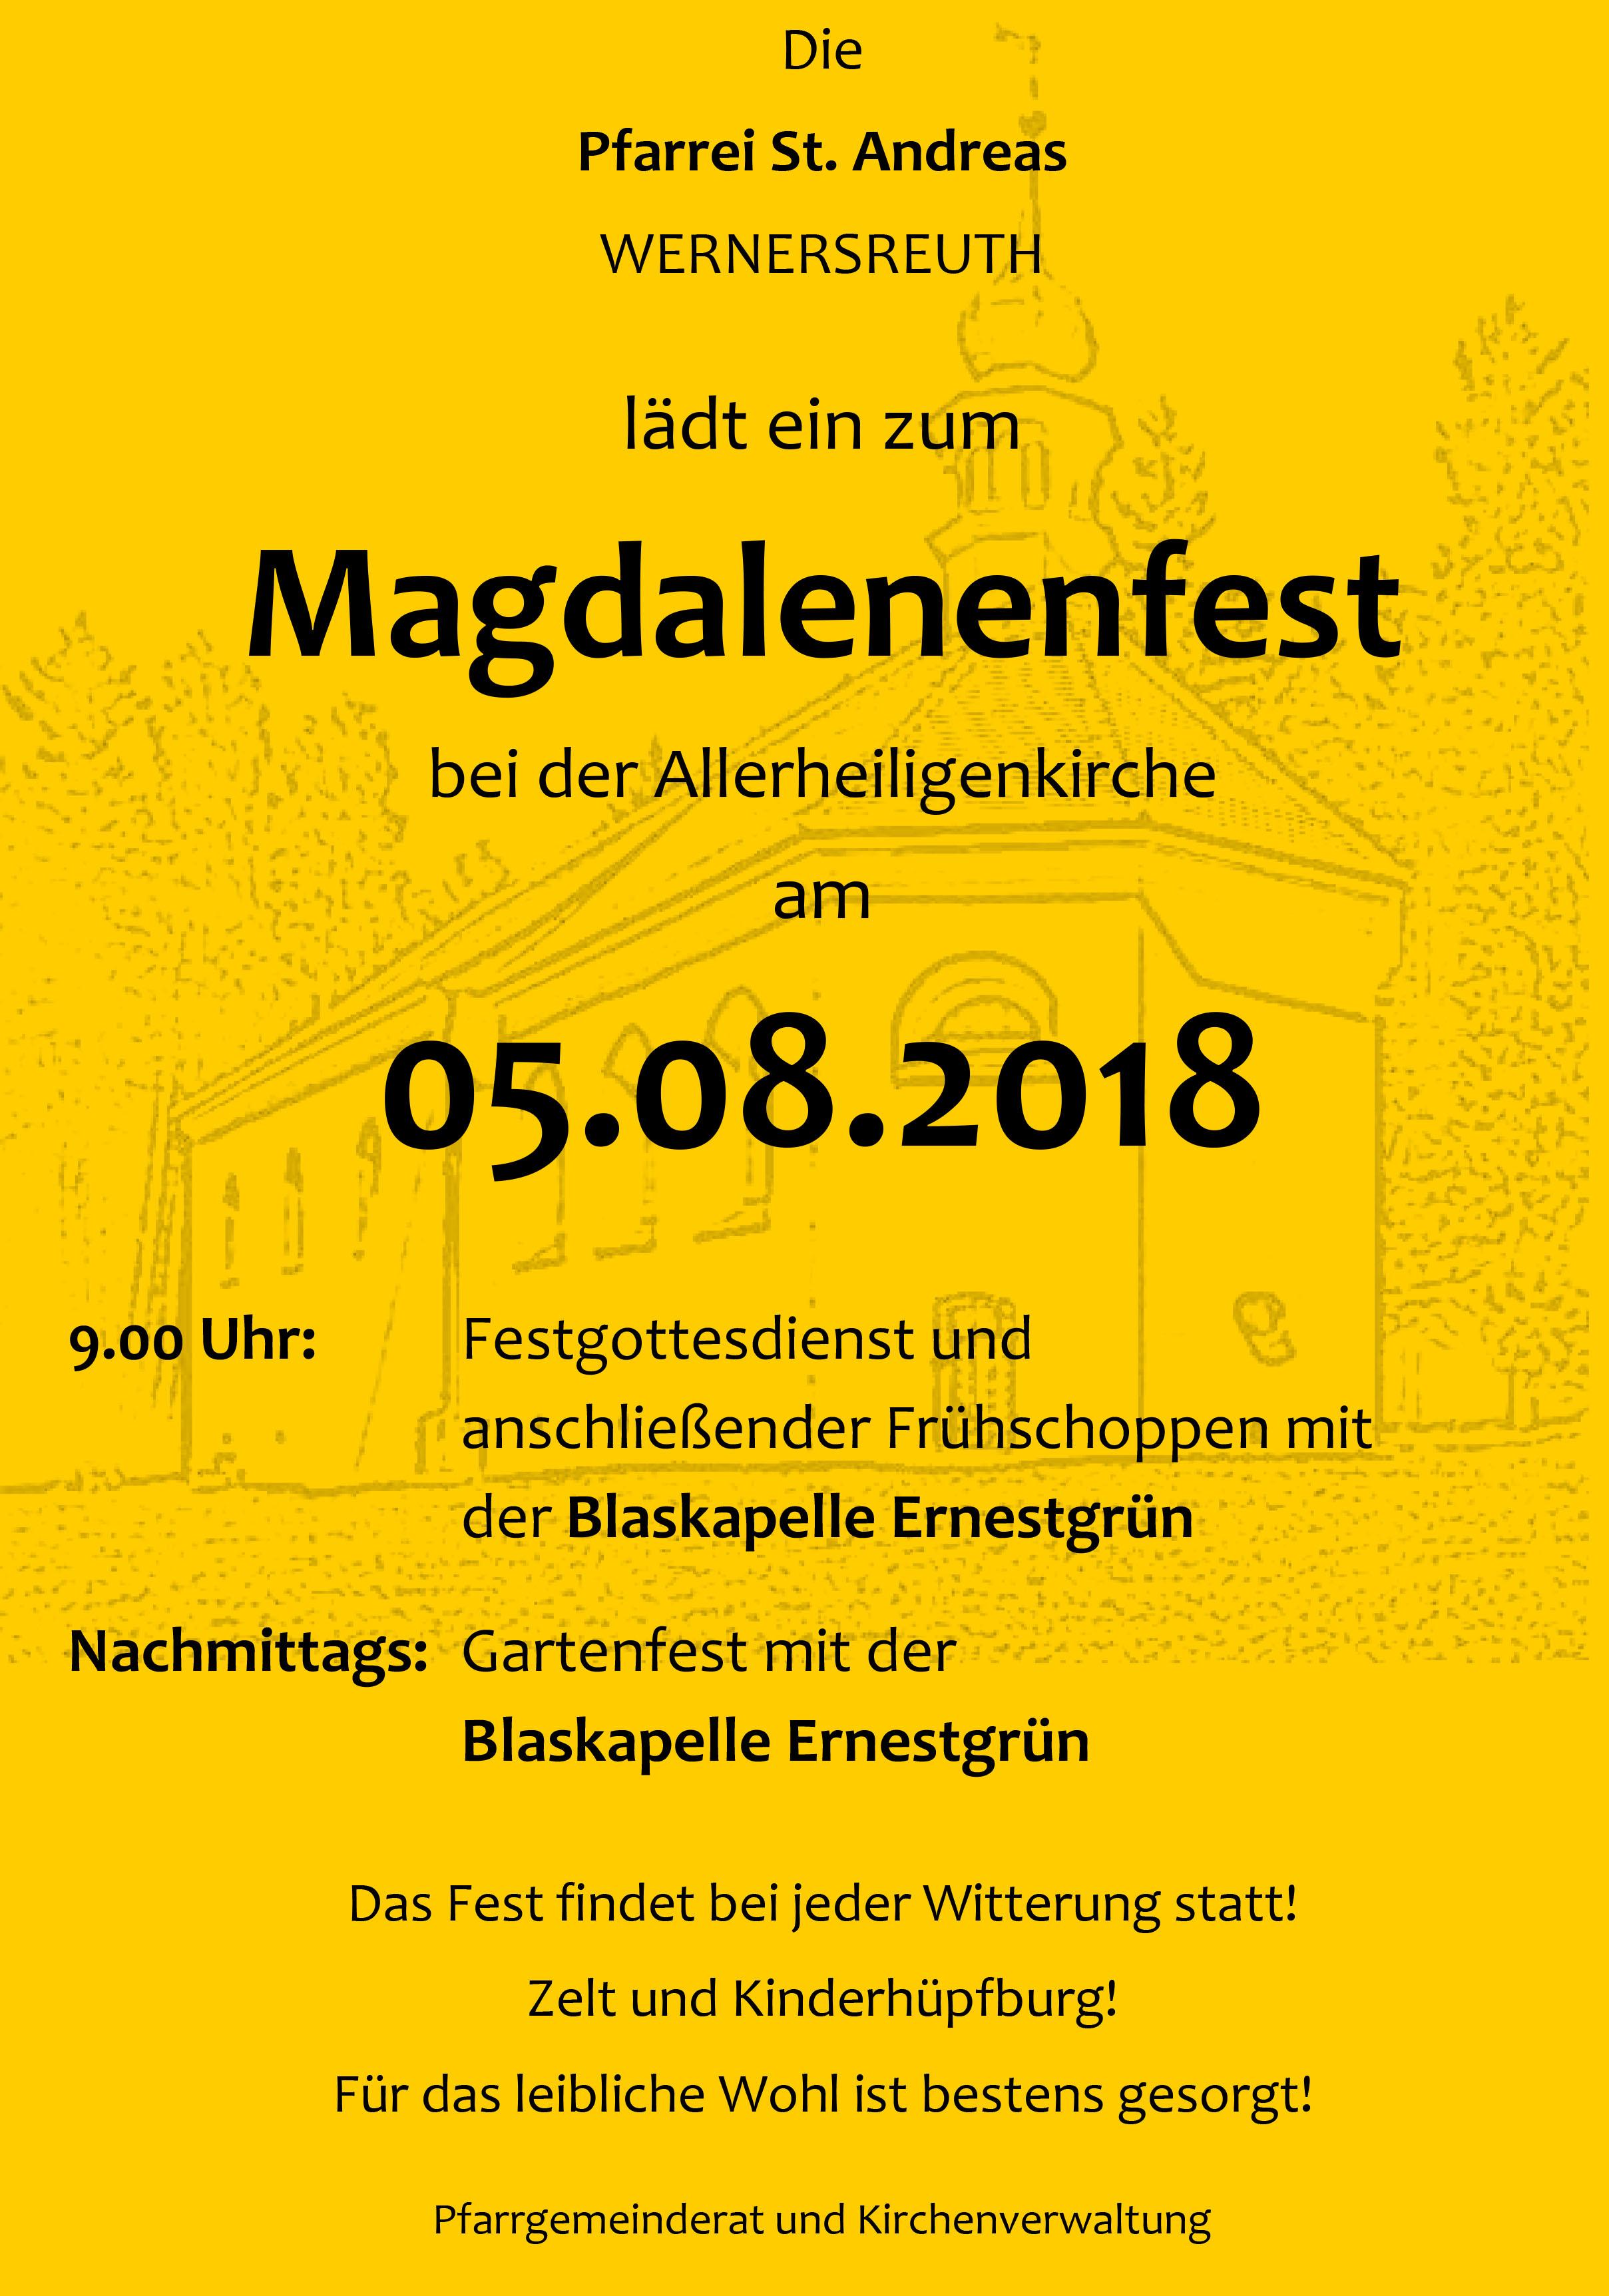 2018-08-05 Magdalenenfest Wernersreuth